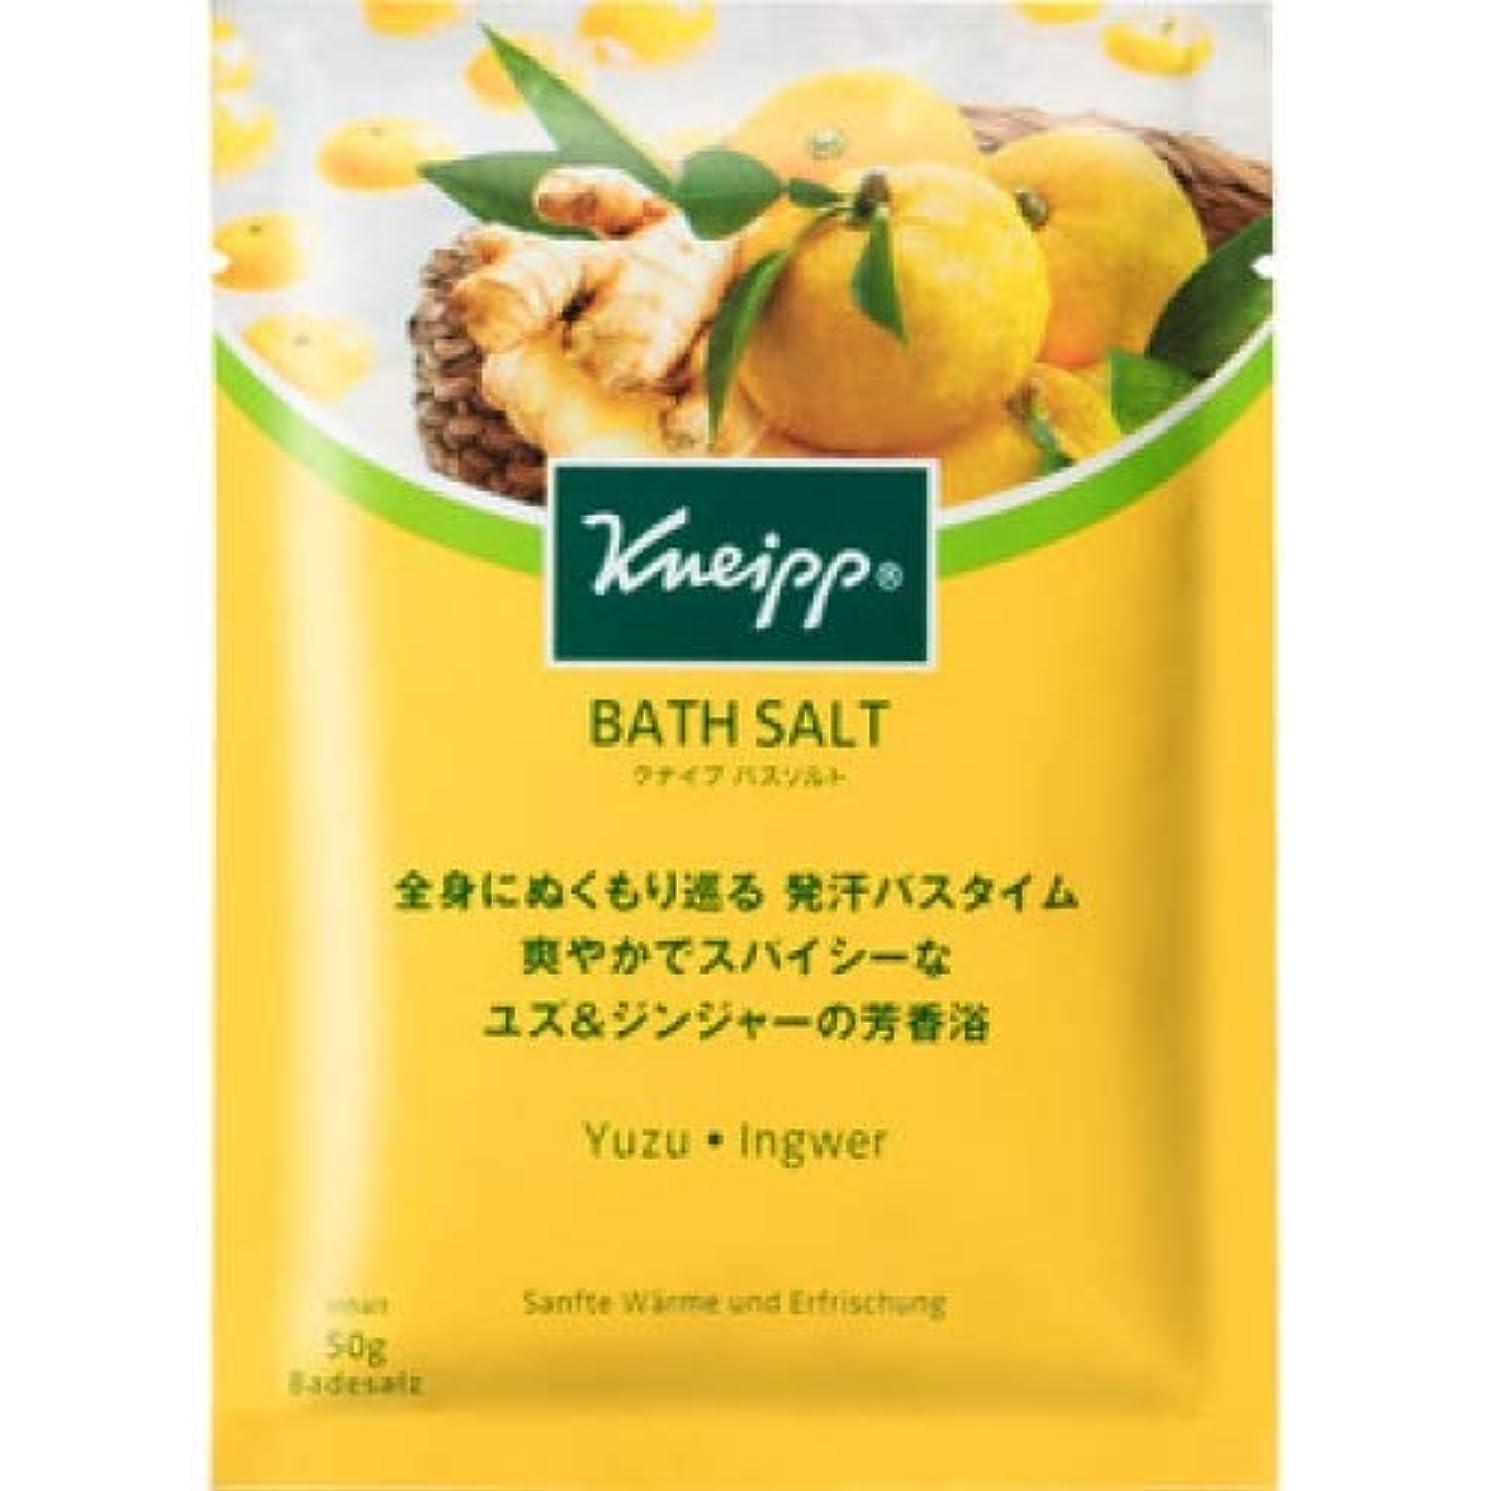 教義バイオレットリークドイツ製バスソルト KNEIPP クナイプ バスソルト ユズ&ジンジャーの香り (50g) 入浴剤